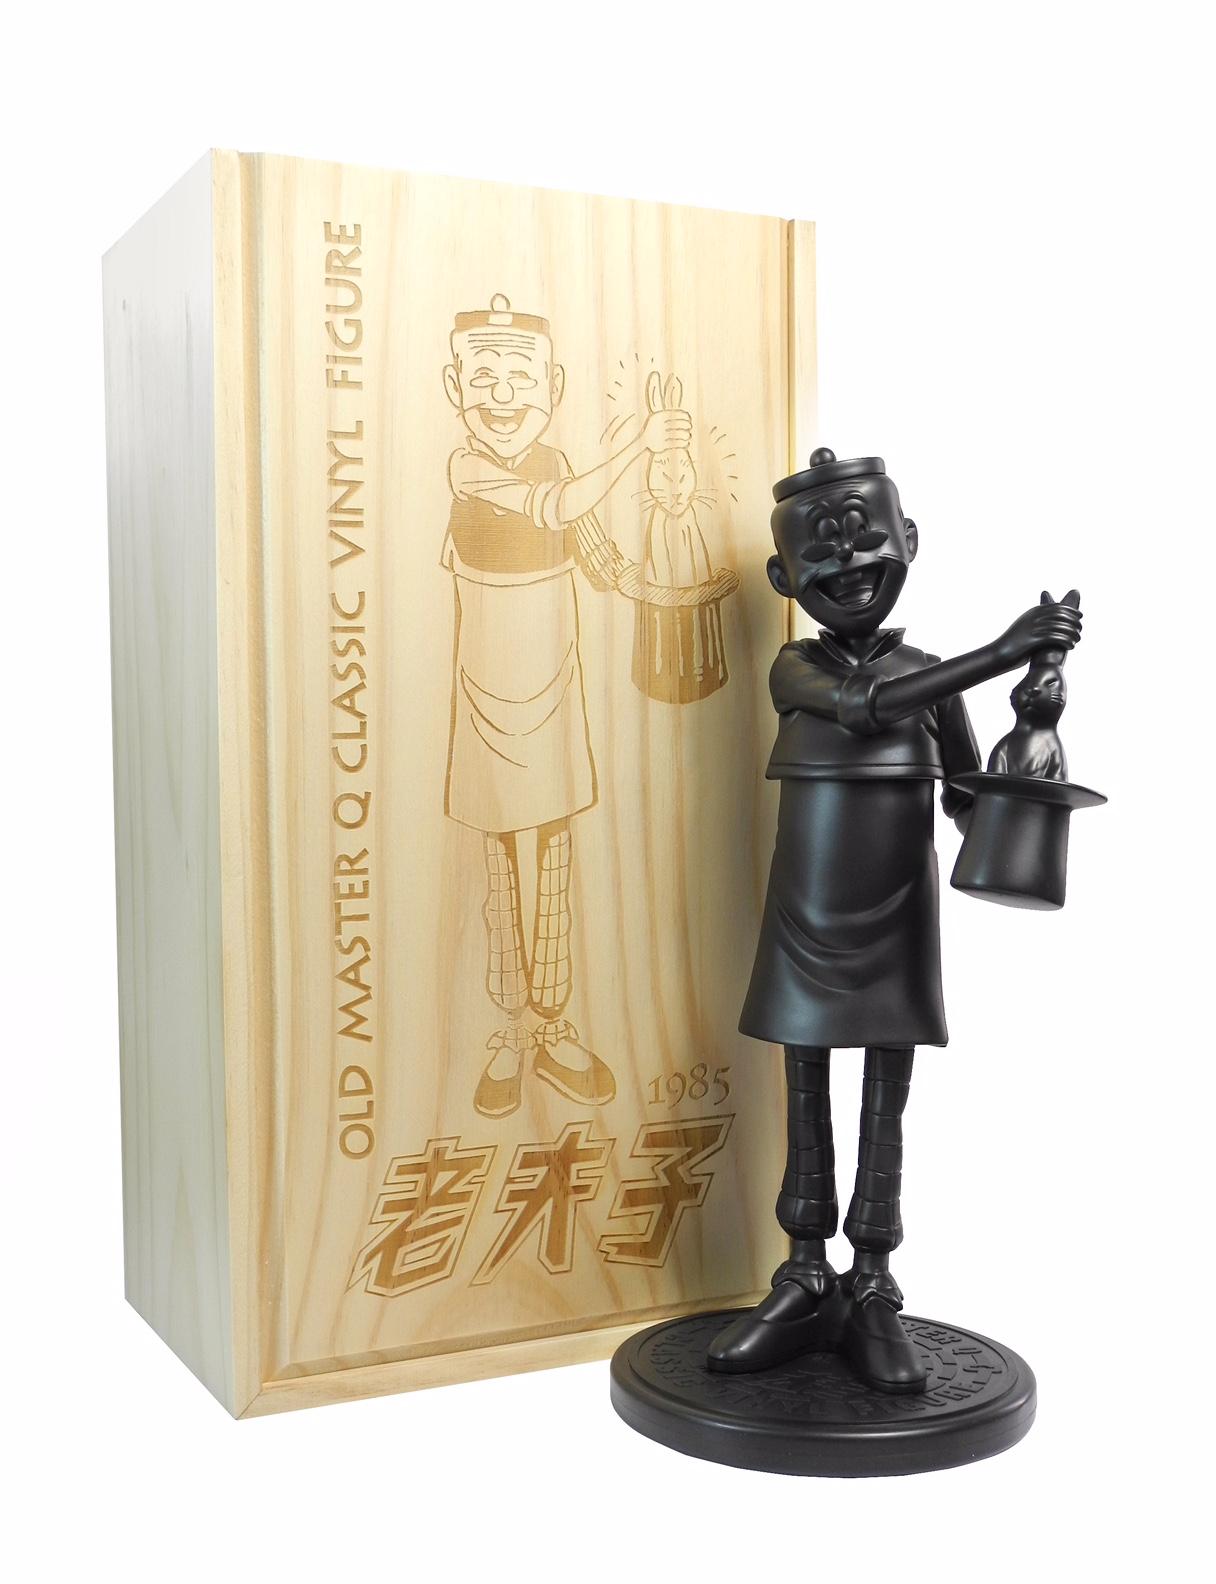 1985年桌上型雕塑